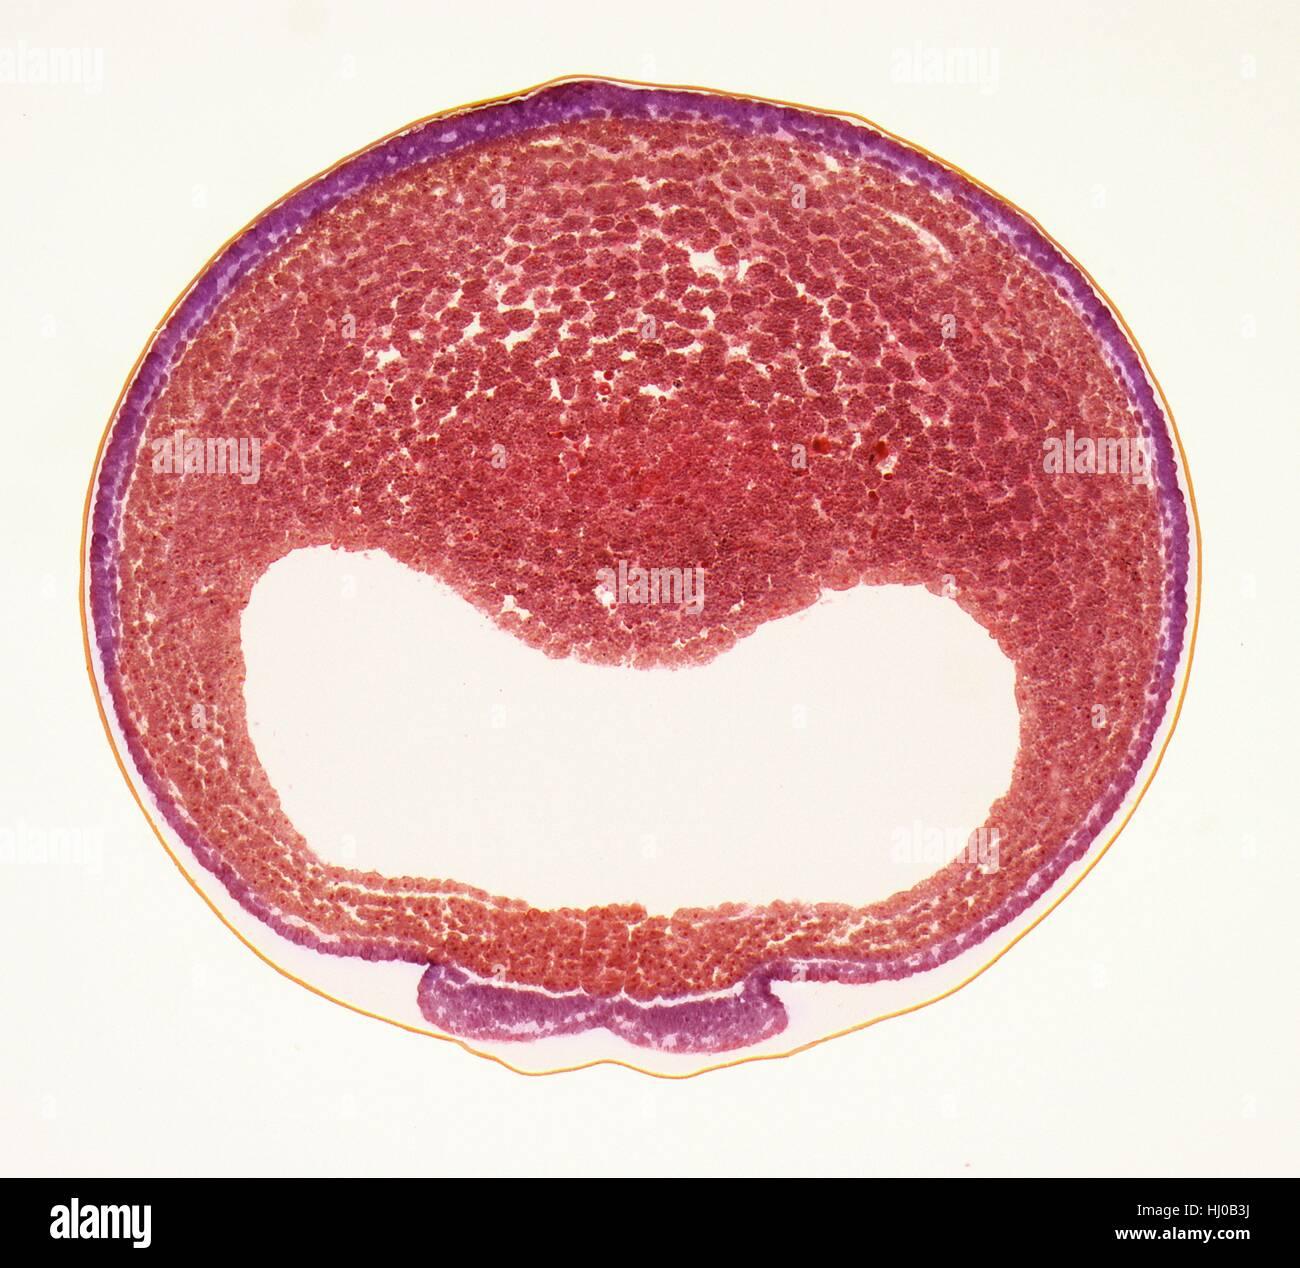 Desarrollo de huevos de rana.Light micrografía de sección transversal a través del desarrollo de Imagen De Stock